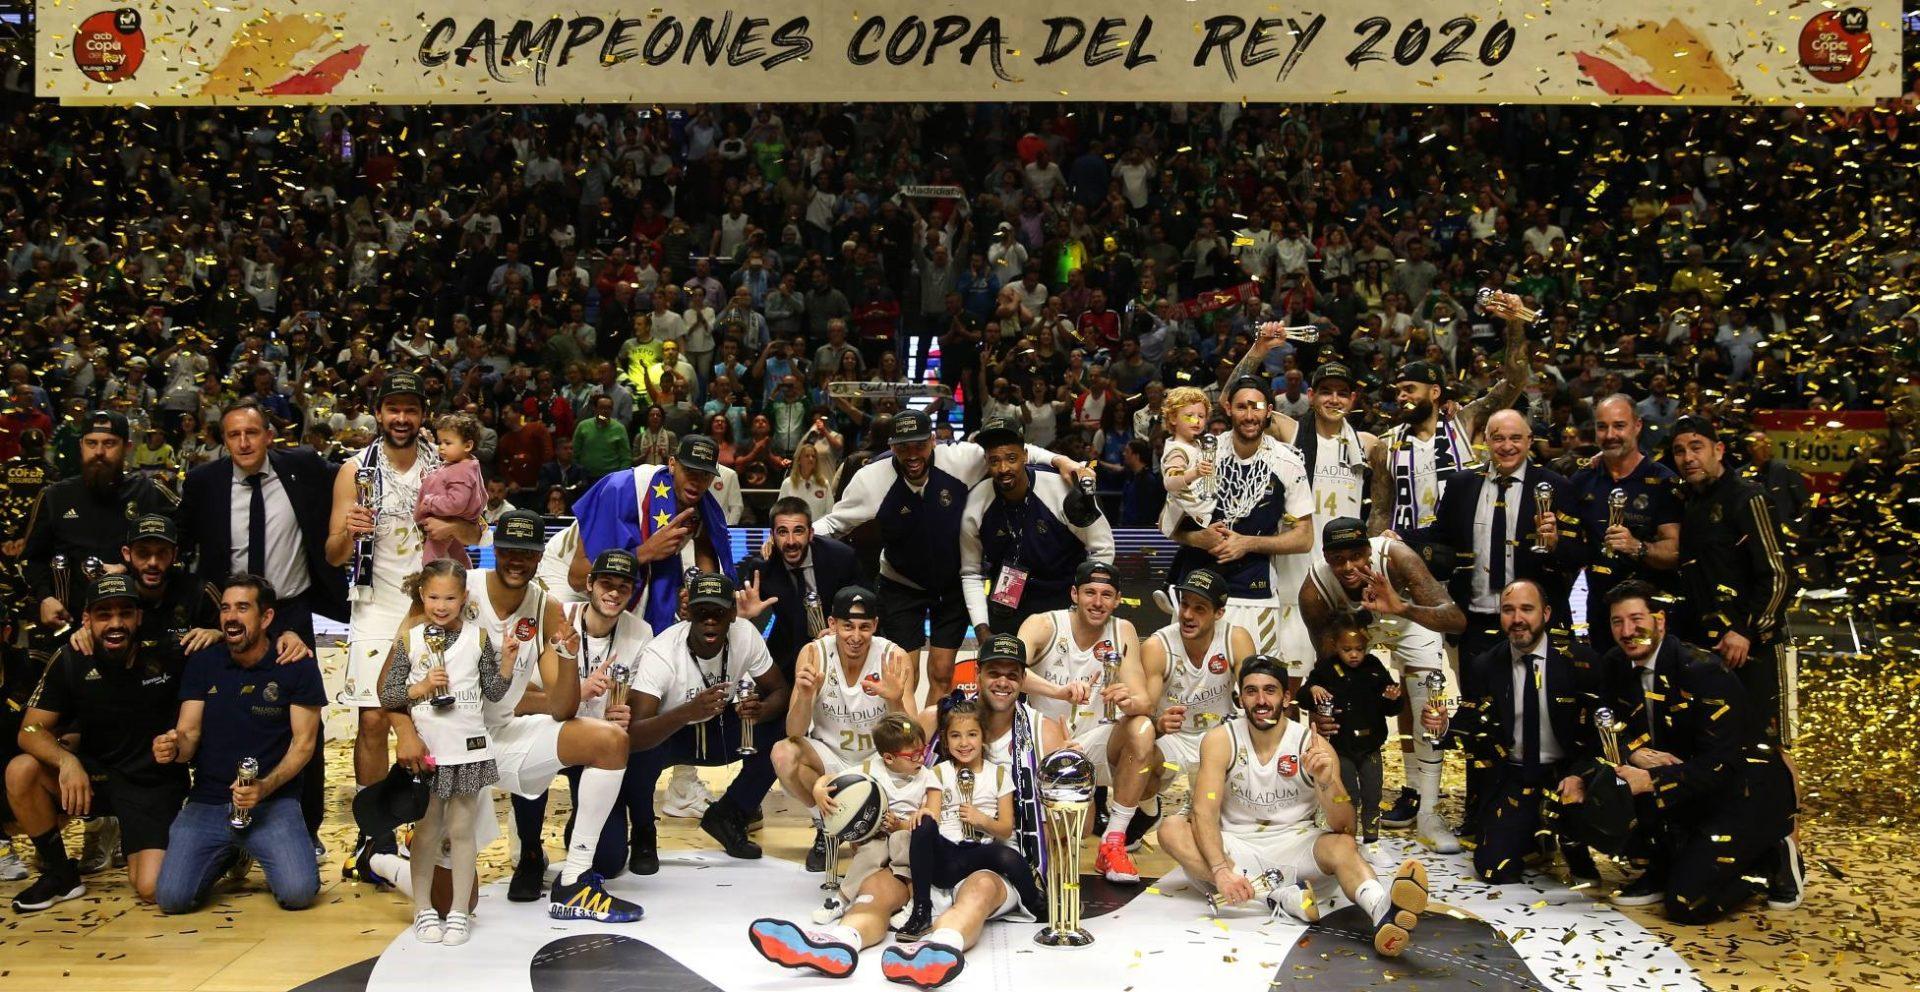 Copa del Rey 2020. El Real Madrid, campeón tras aplastar a Unicaja